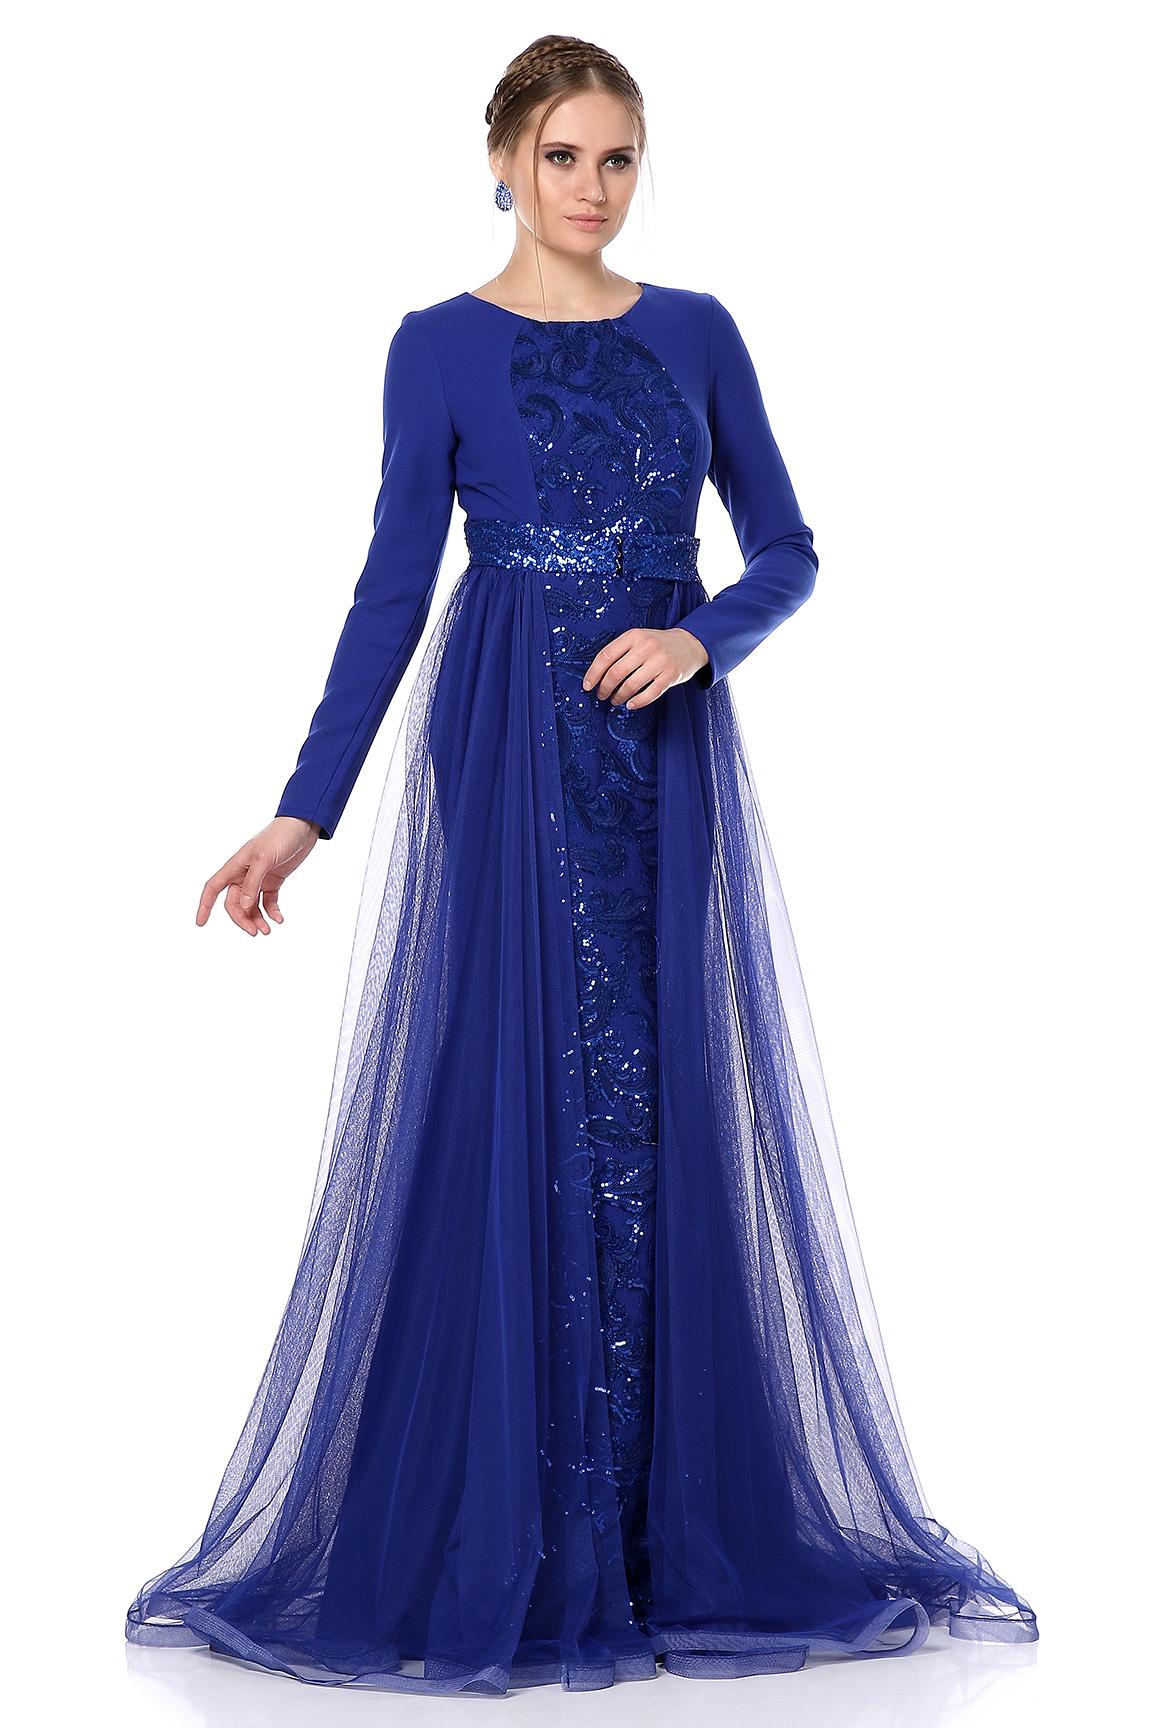 100c06573 فساتين سوارية رائعة 2019 , فستان جميل للمناسبات السعيدة - فساتين